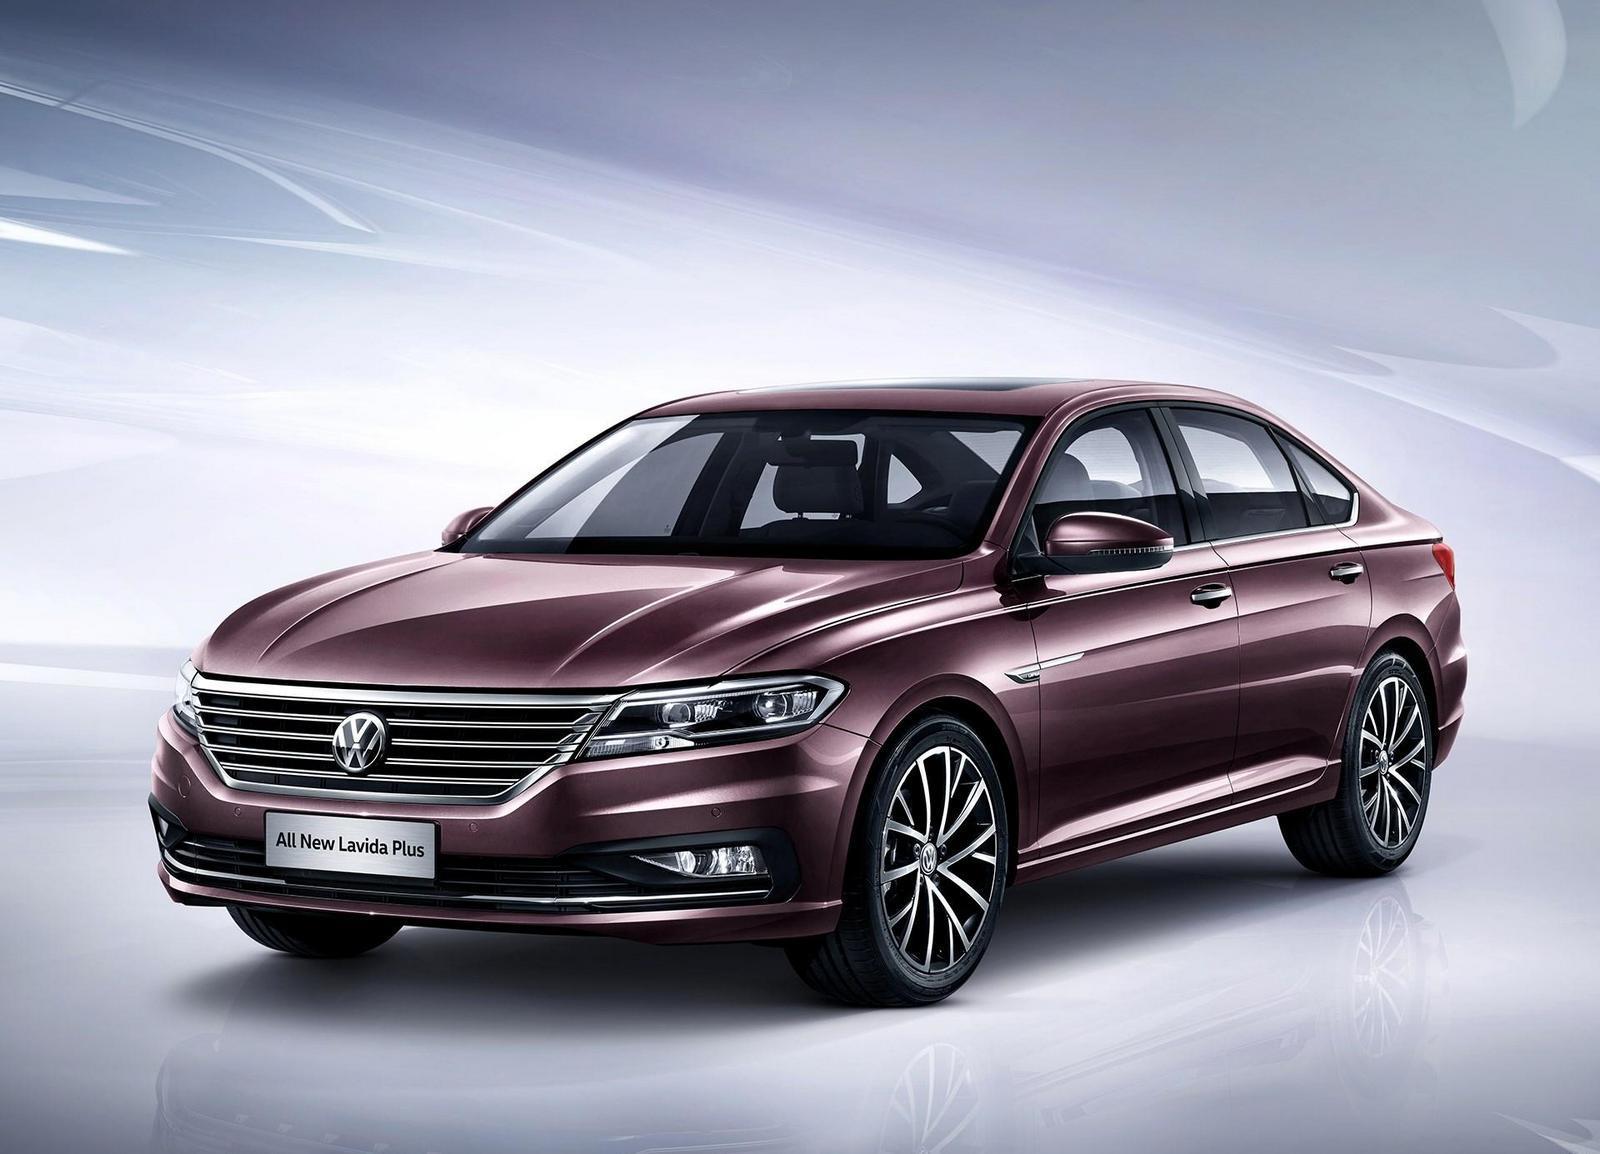 Начались продажи нового седана Фольксваген  Lavida Plus